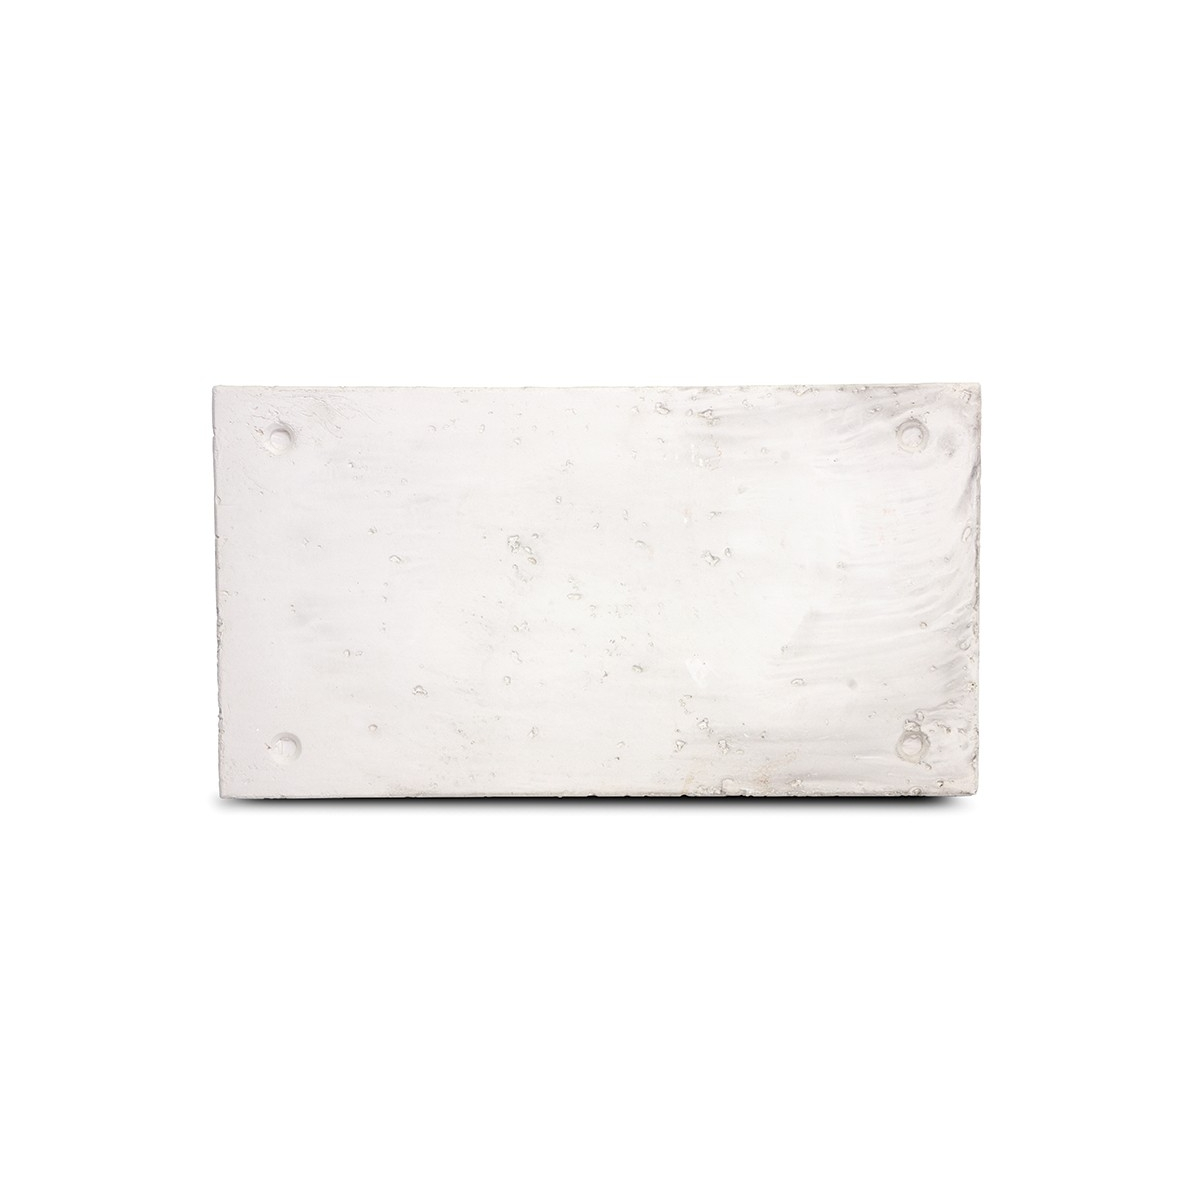 Plaqueta R60 Tokio (Caja 1,1m2) - Revestimiento con Plaquetas de yeso - Marca Revesti-Mur